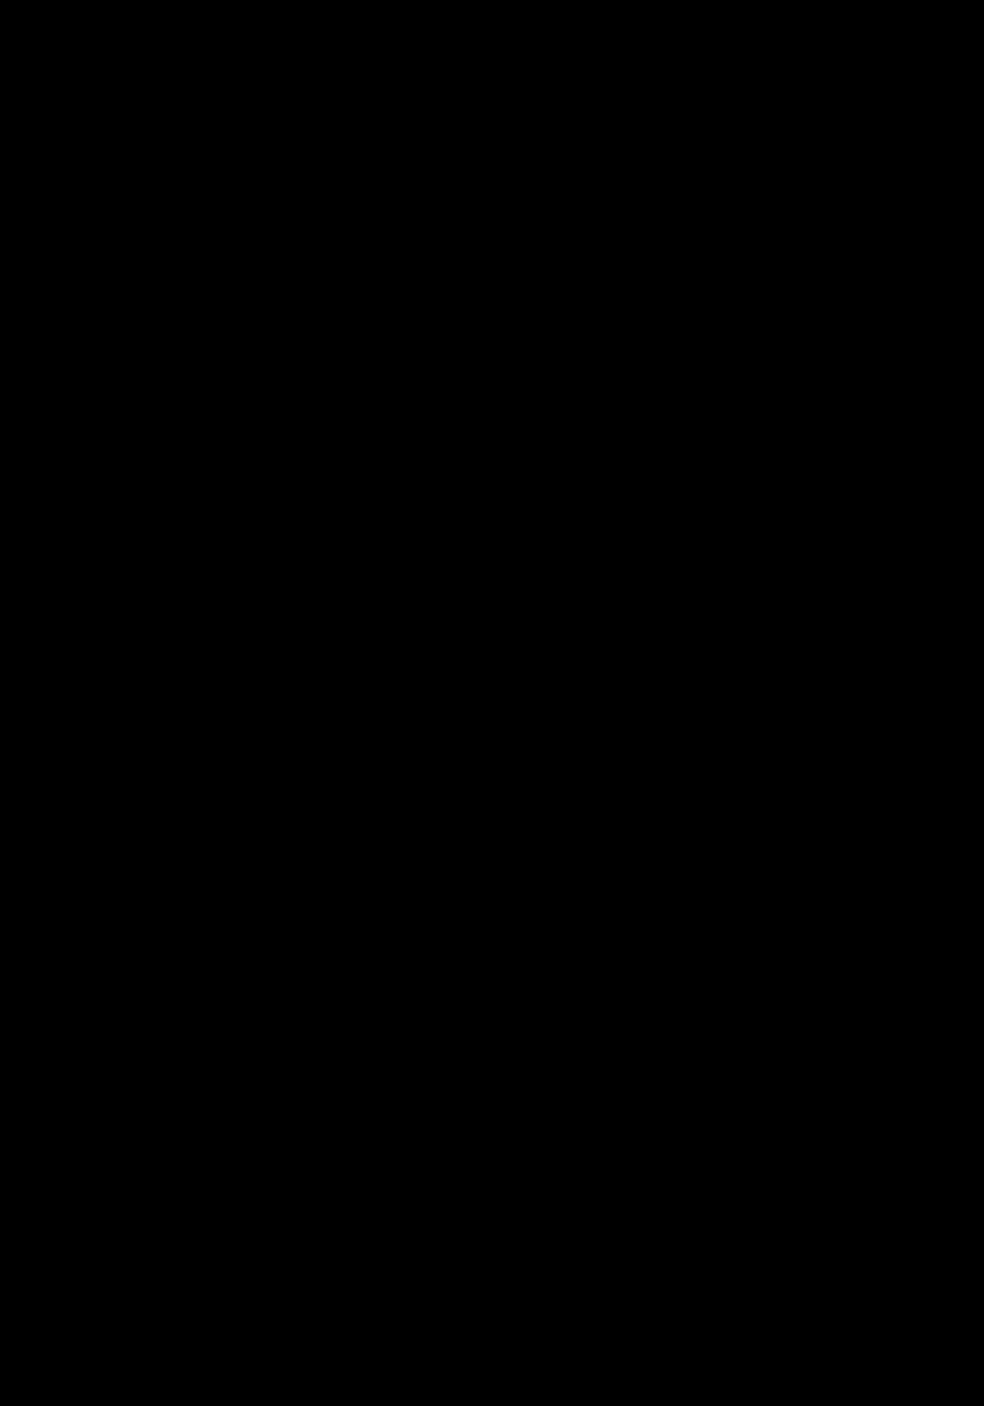 ナカミンダ B-S BNMD-S 縦組見本